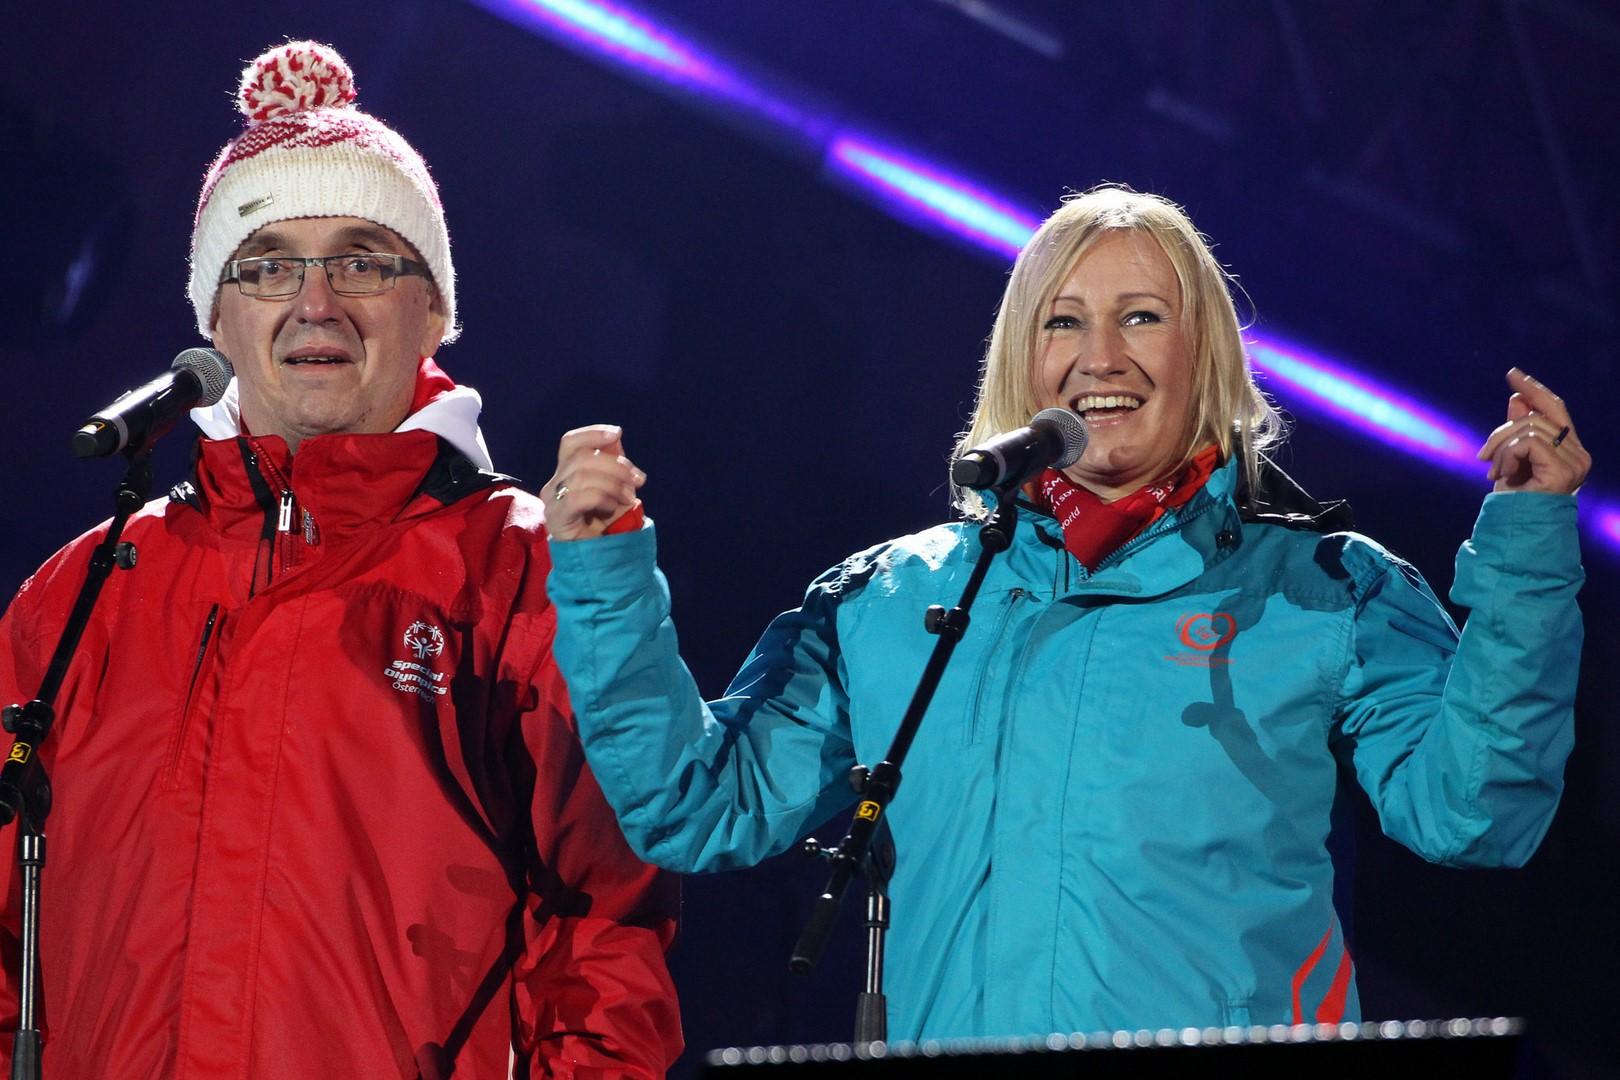 Der burgenländische Athlet Franz Horvath sprach gemeinsam mit Ex-Skiweltmeisterin Renate Götschl den Special-Olympics-Eid (Foto GEPA Pictures/Special Olympics)